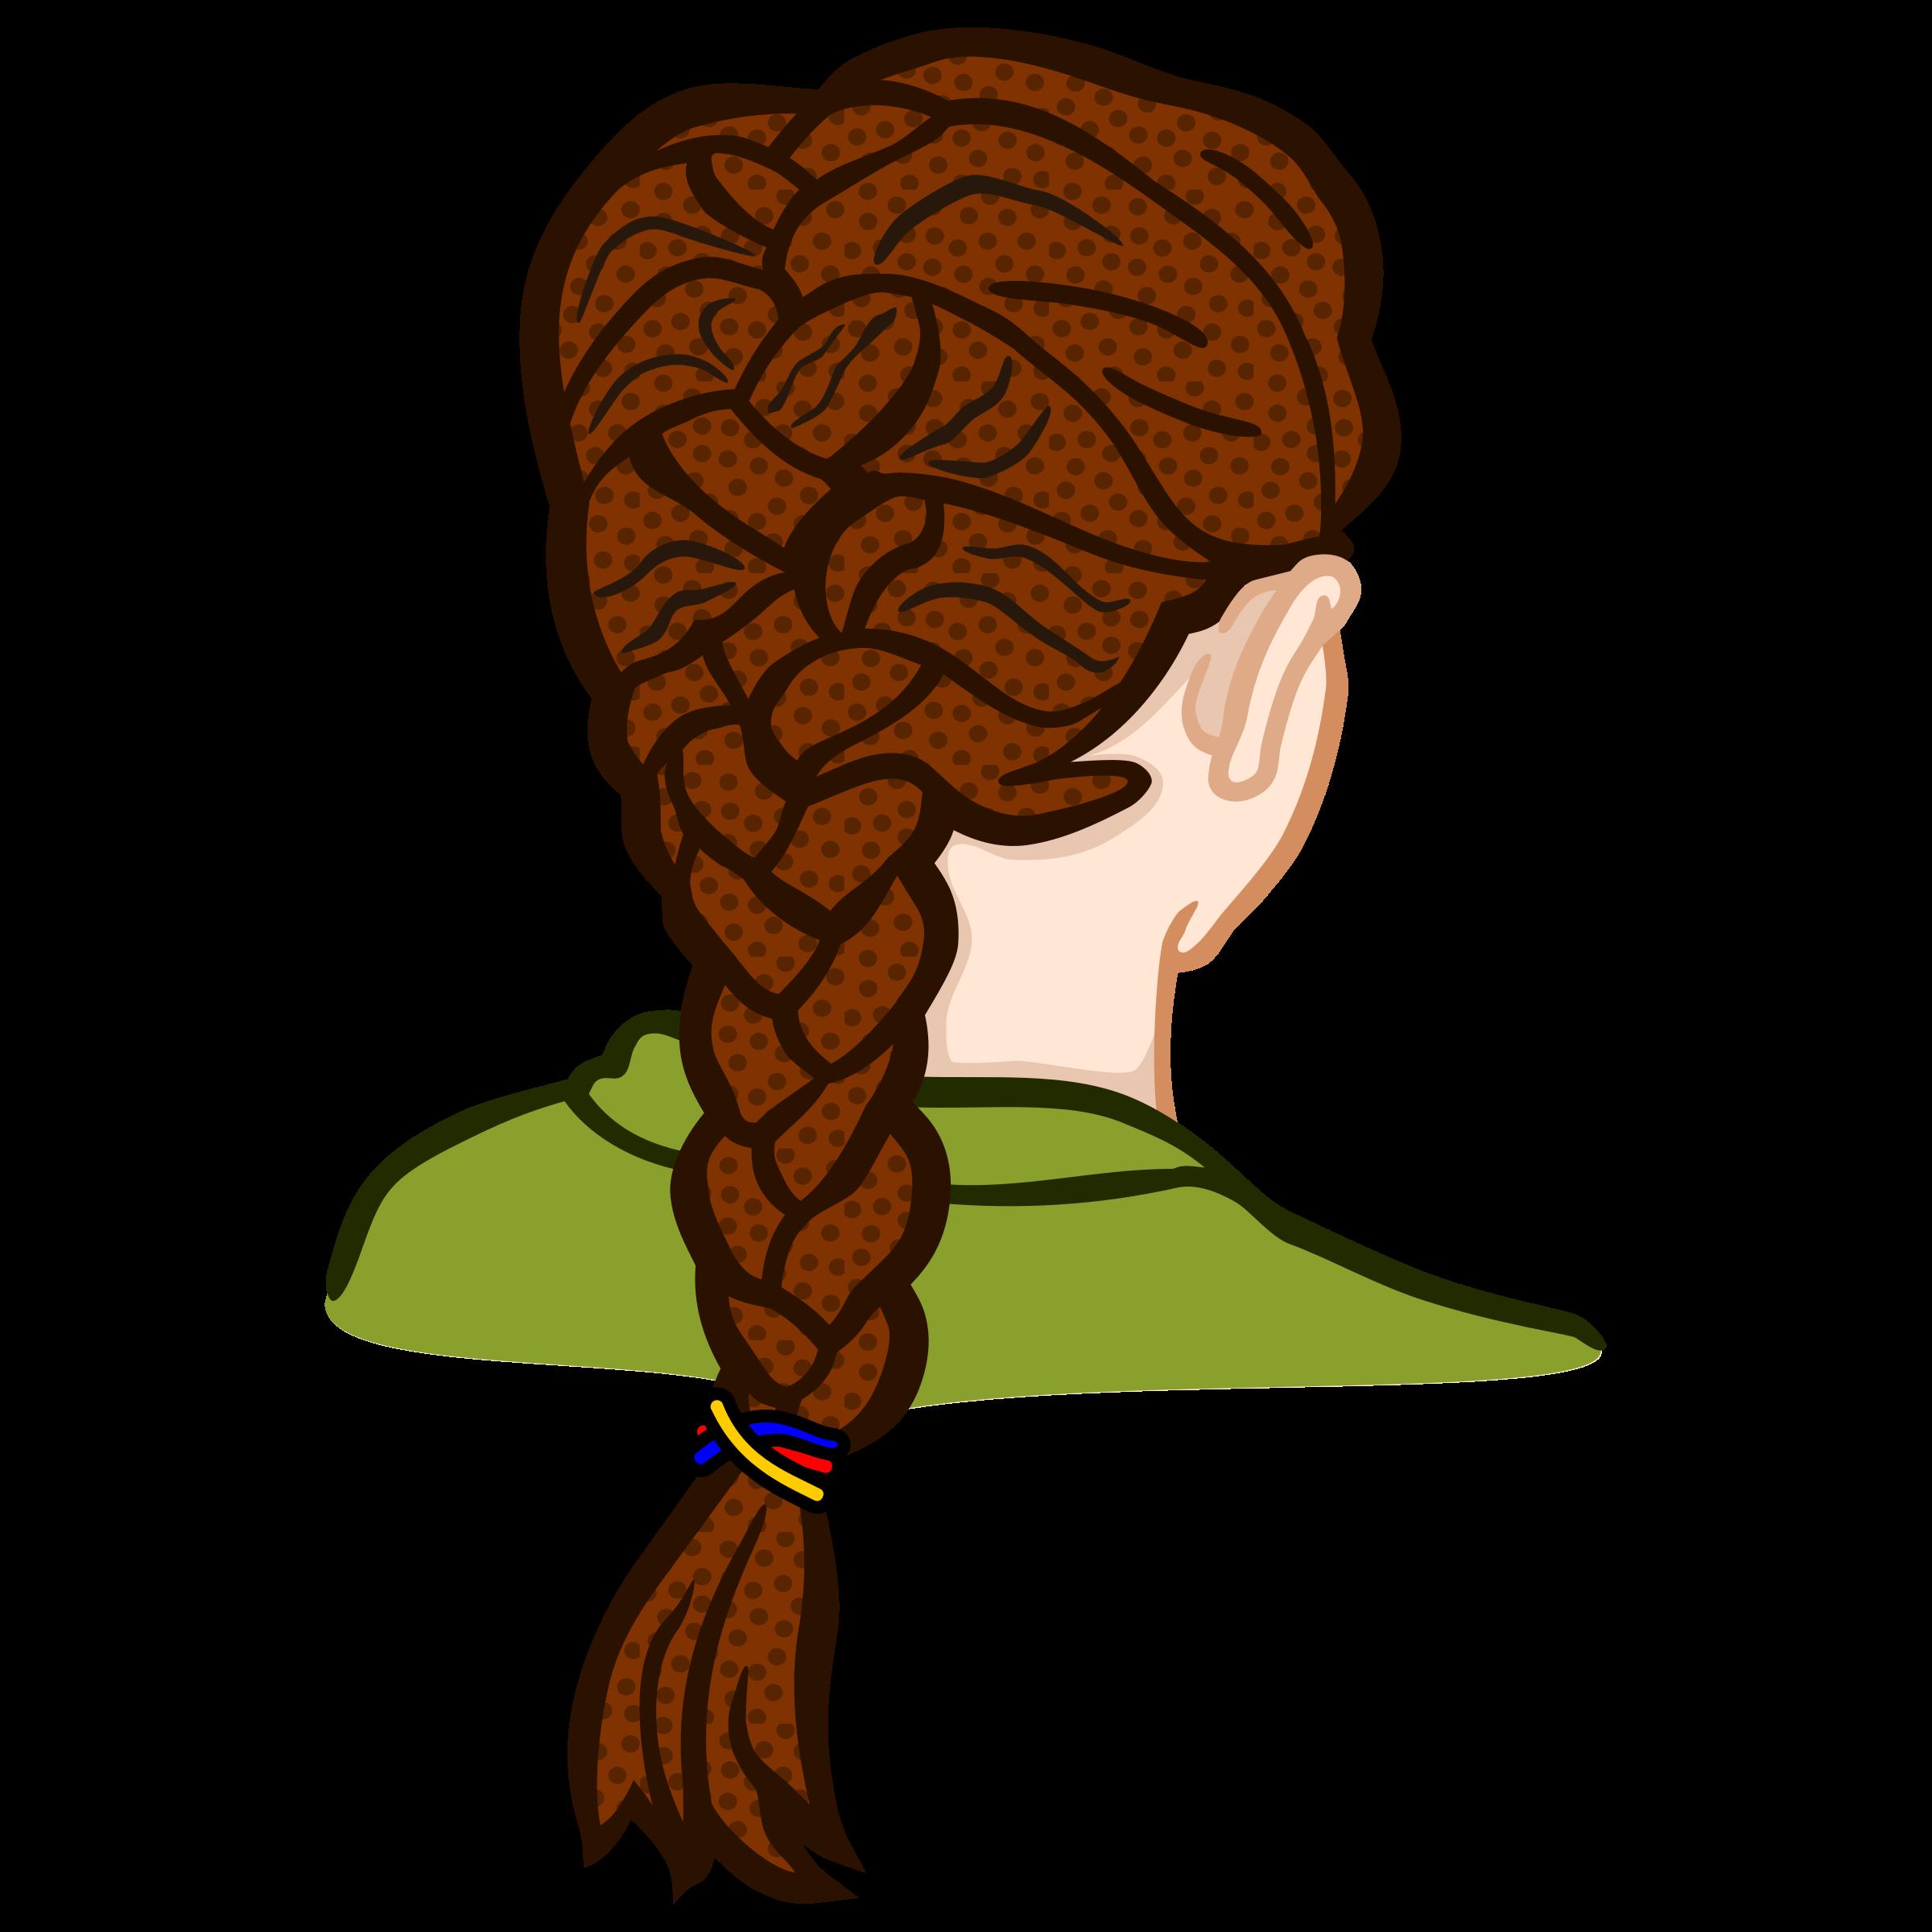 Braid clipart Coloured braid braid coloured Clipart